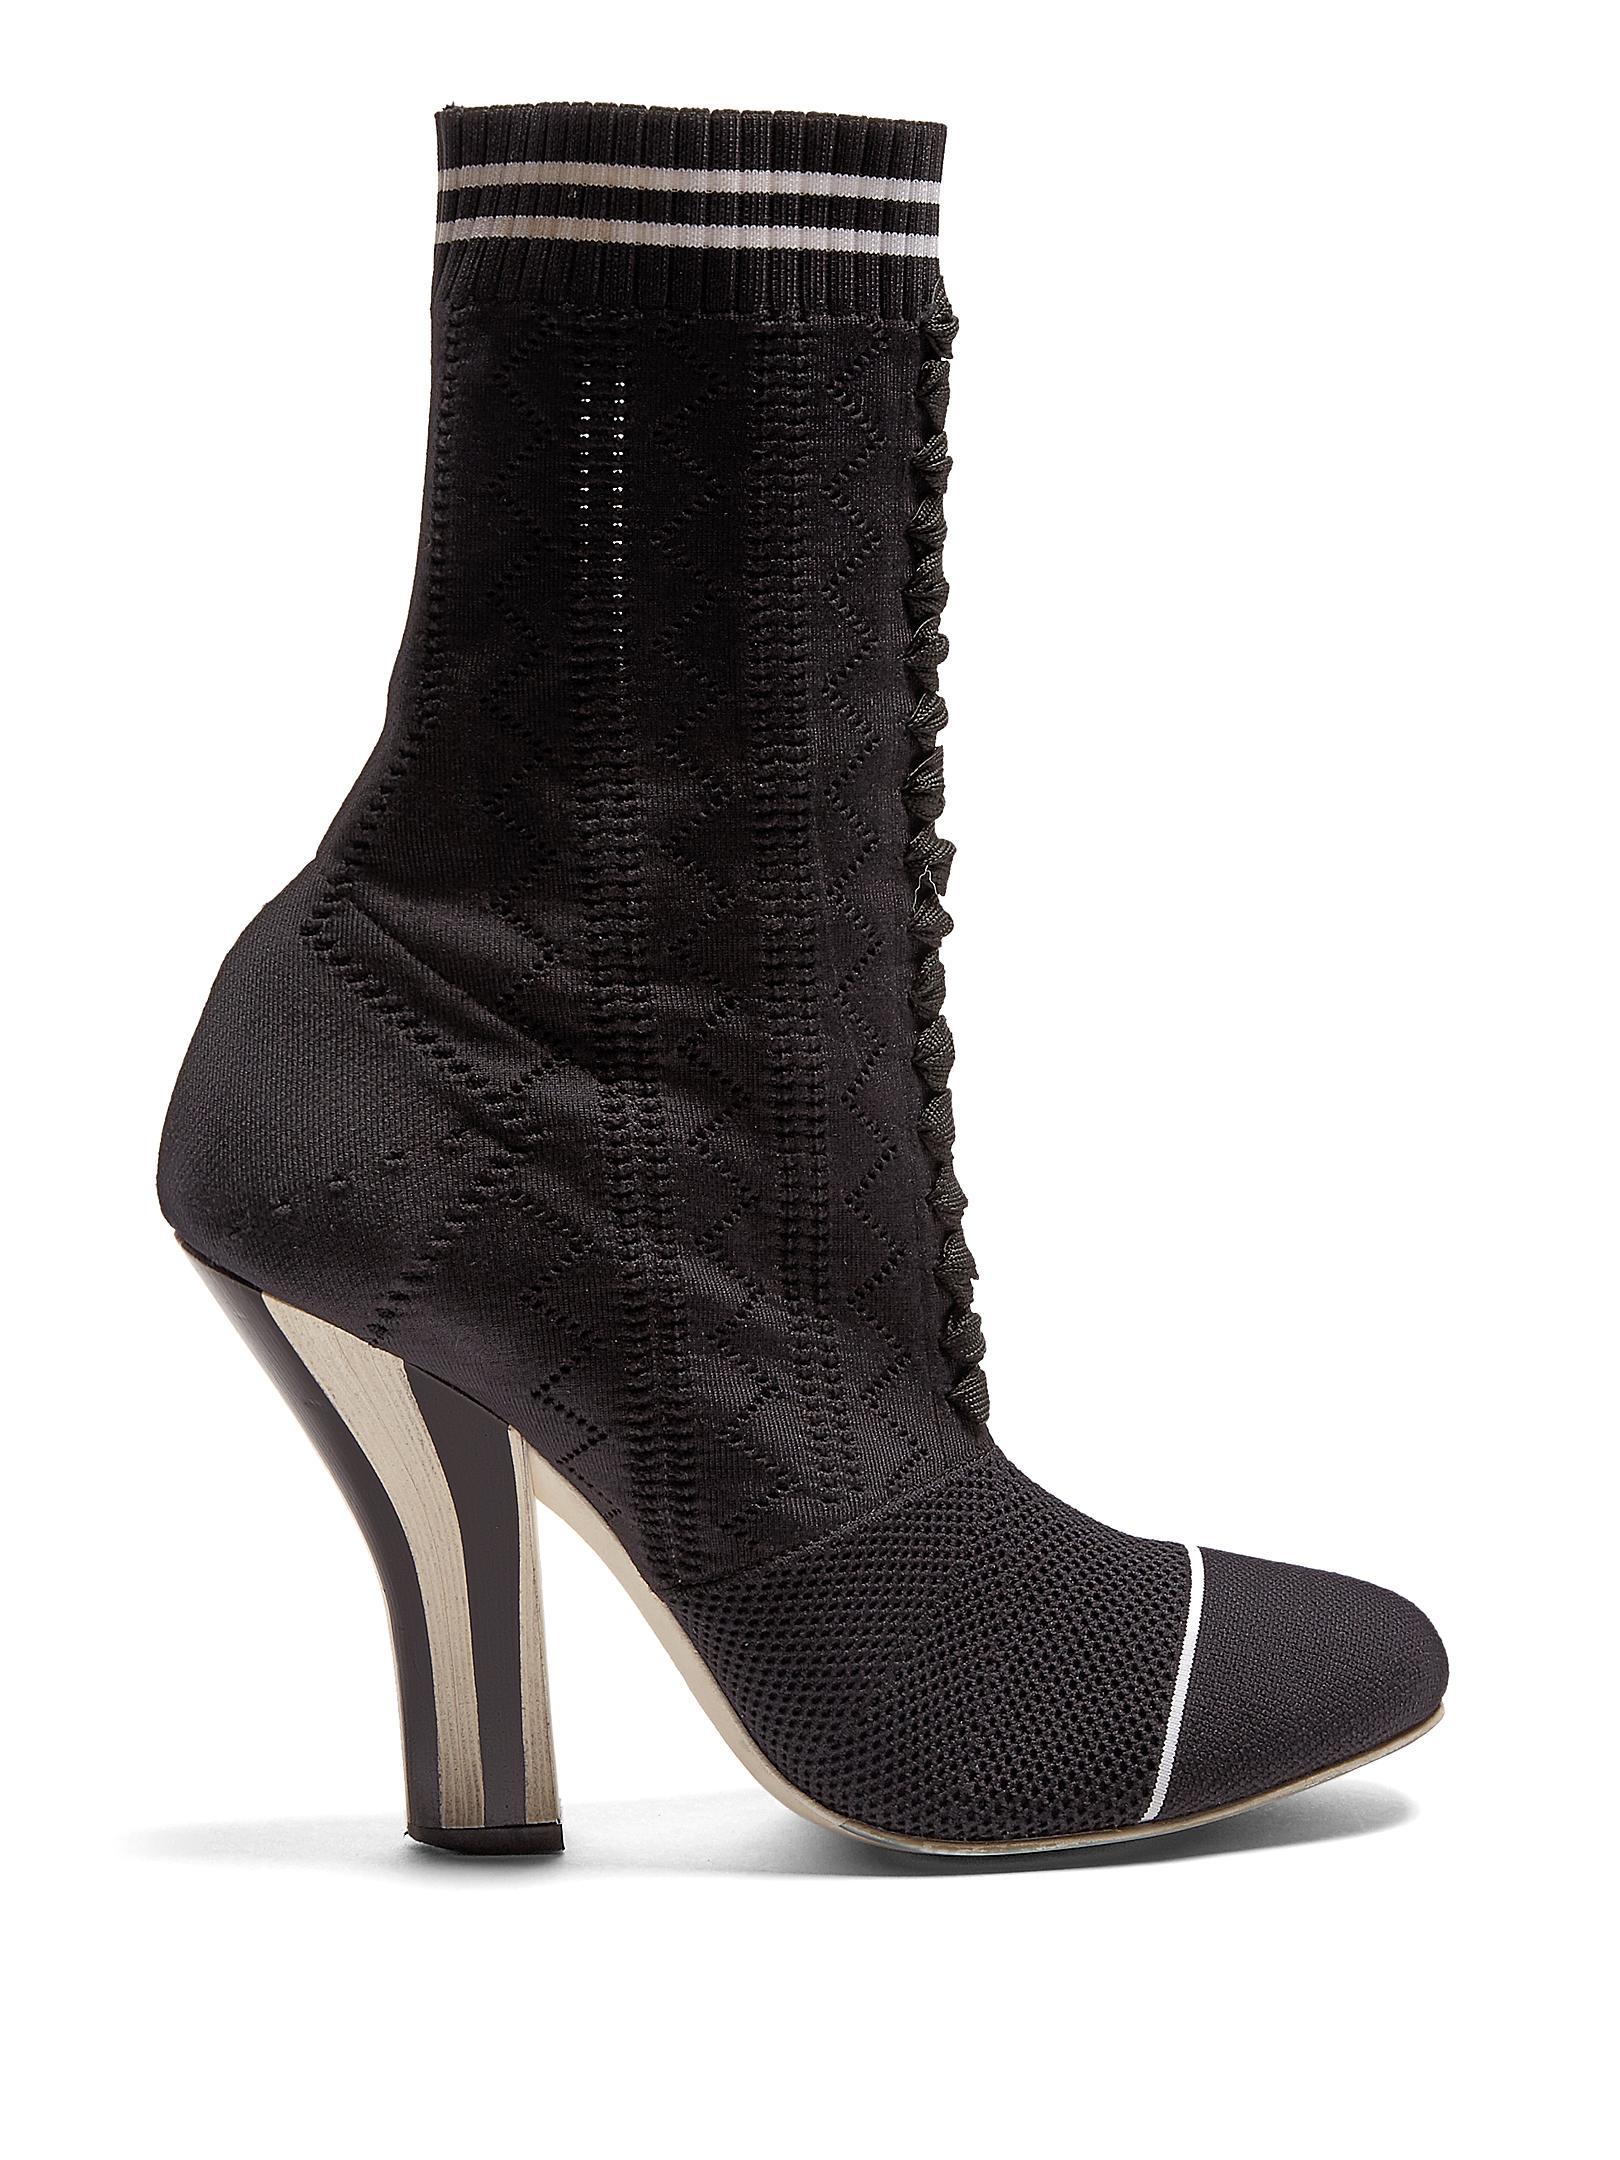 Fendi Stretch Fabric Boots in Black